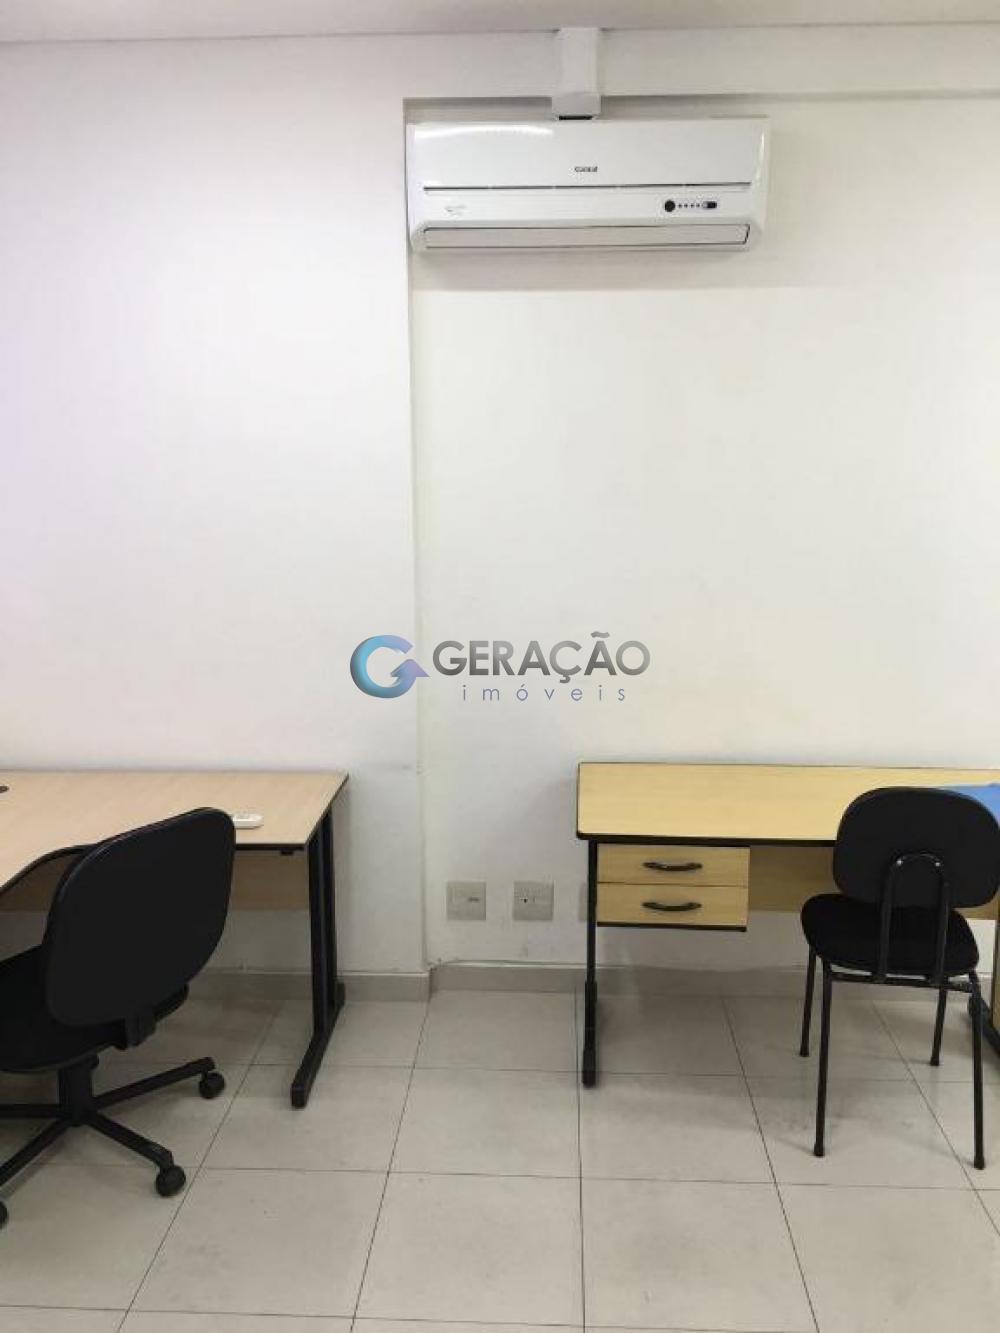 Alugar Comercial / Sala em Condomínio em São José dos Campos R$ 1.100,00 - Foto 3